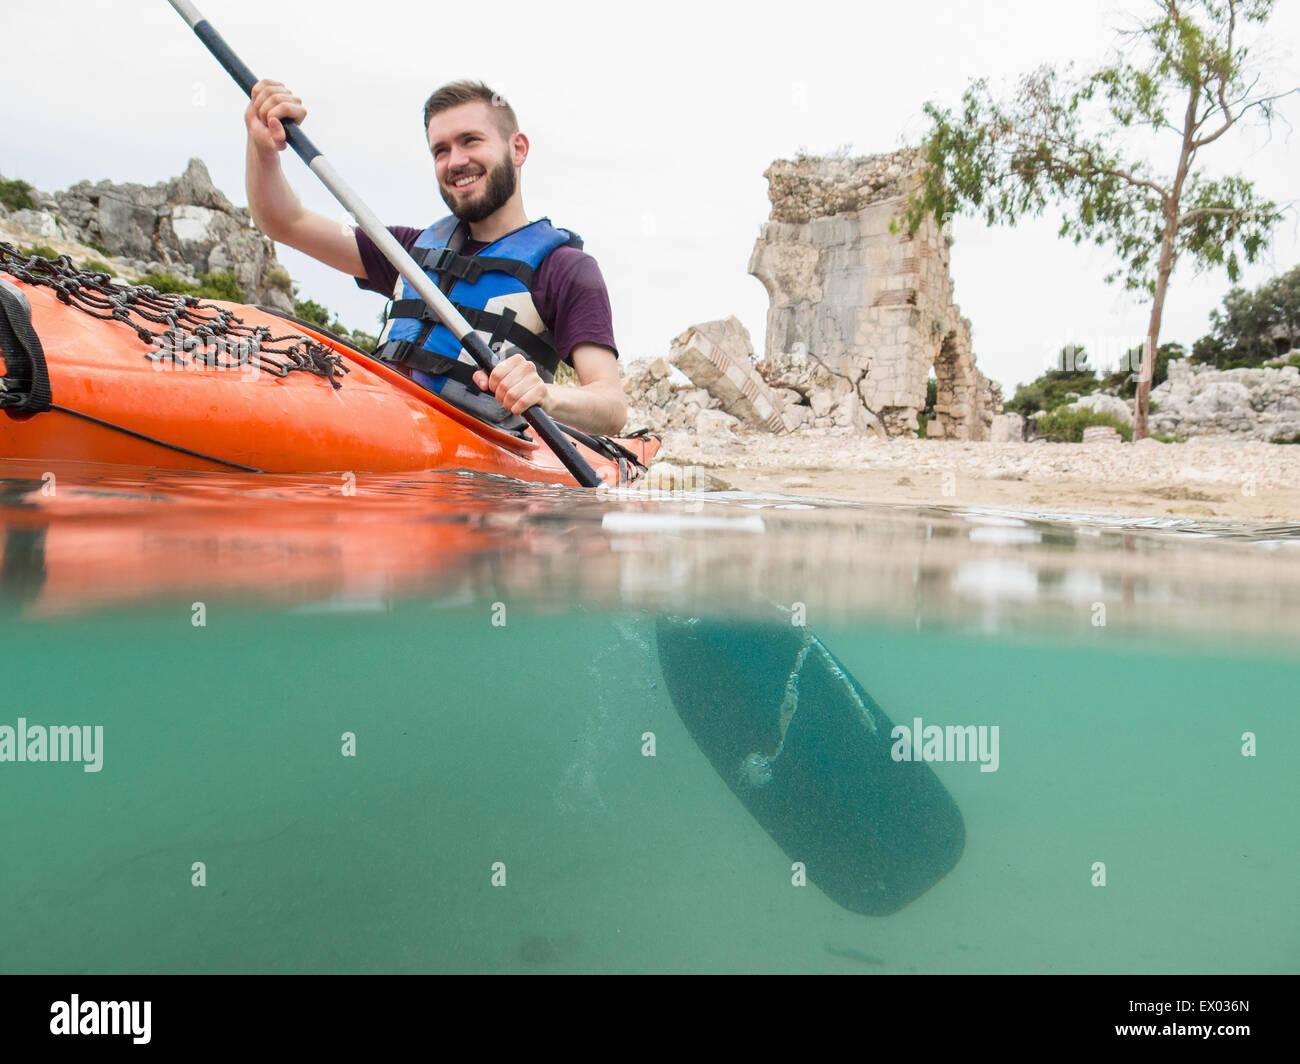 L'uomo kayak nei pressi di antiche rovine, Via Licia, Turchia Immagini Stock